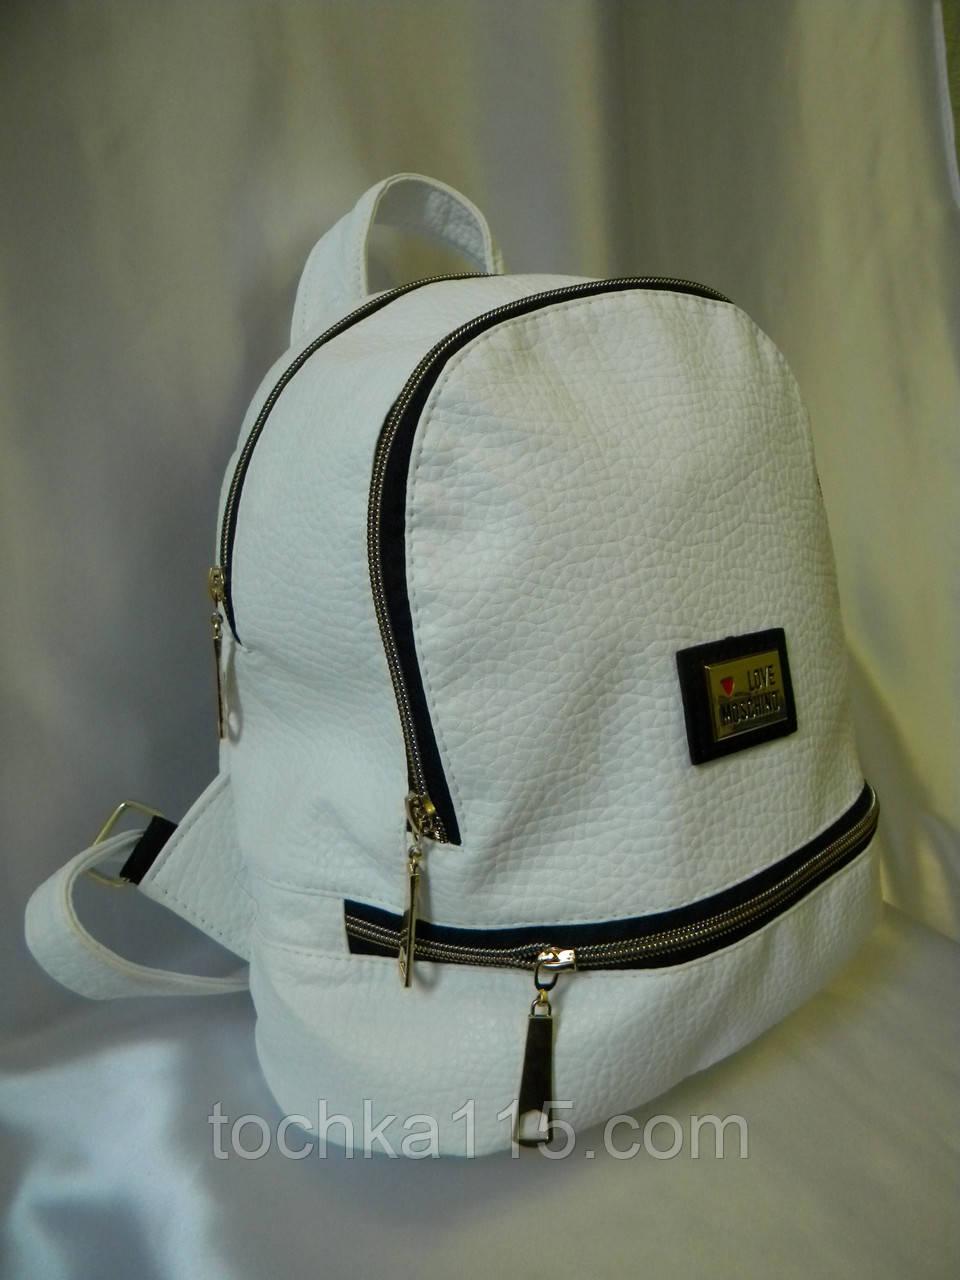 Женский городской рюкзак MOSCHINO рюкзак женский кожаный белый реплика, фото 1